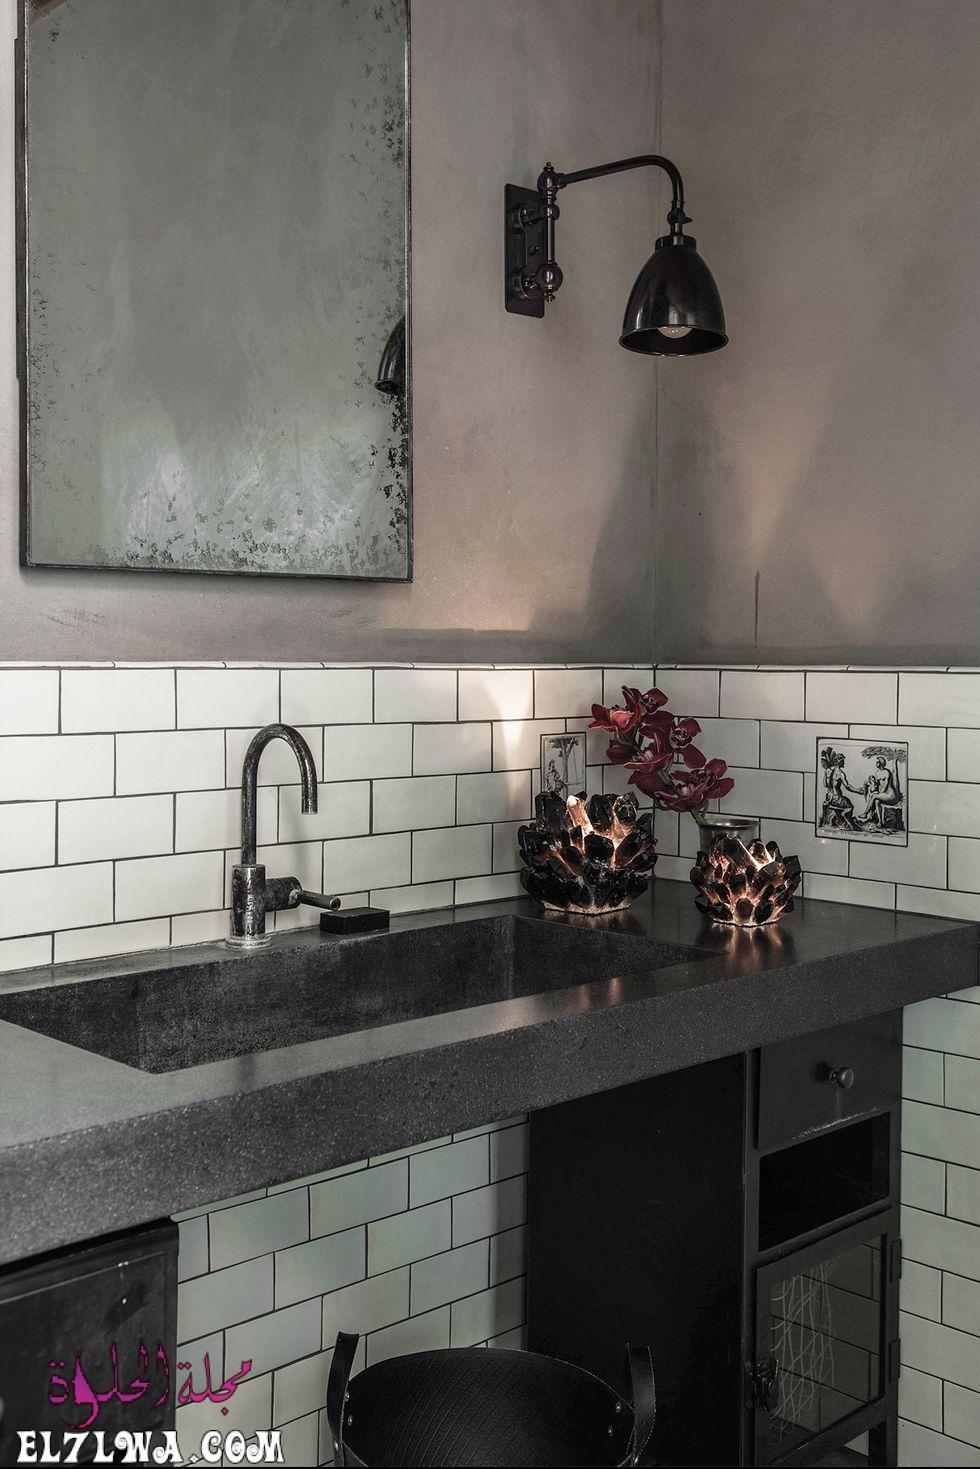 ديكور حمامات باللون الأسود